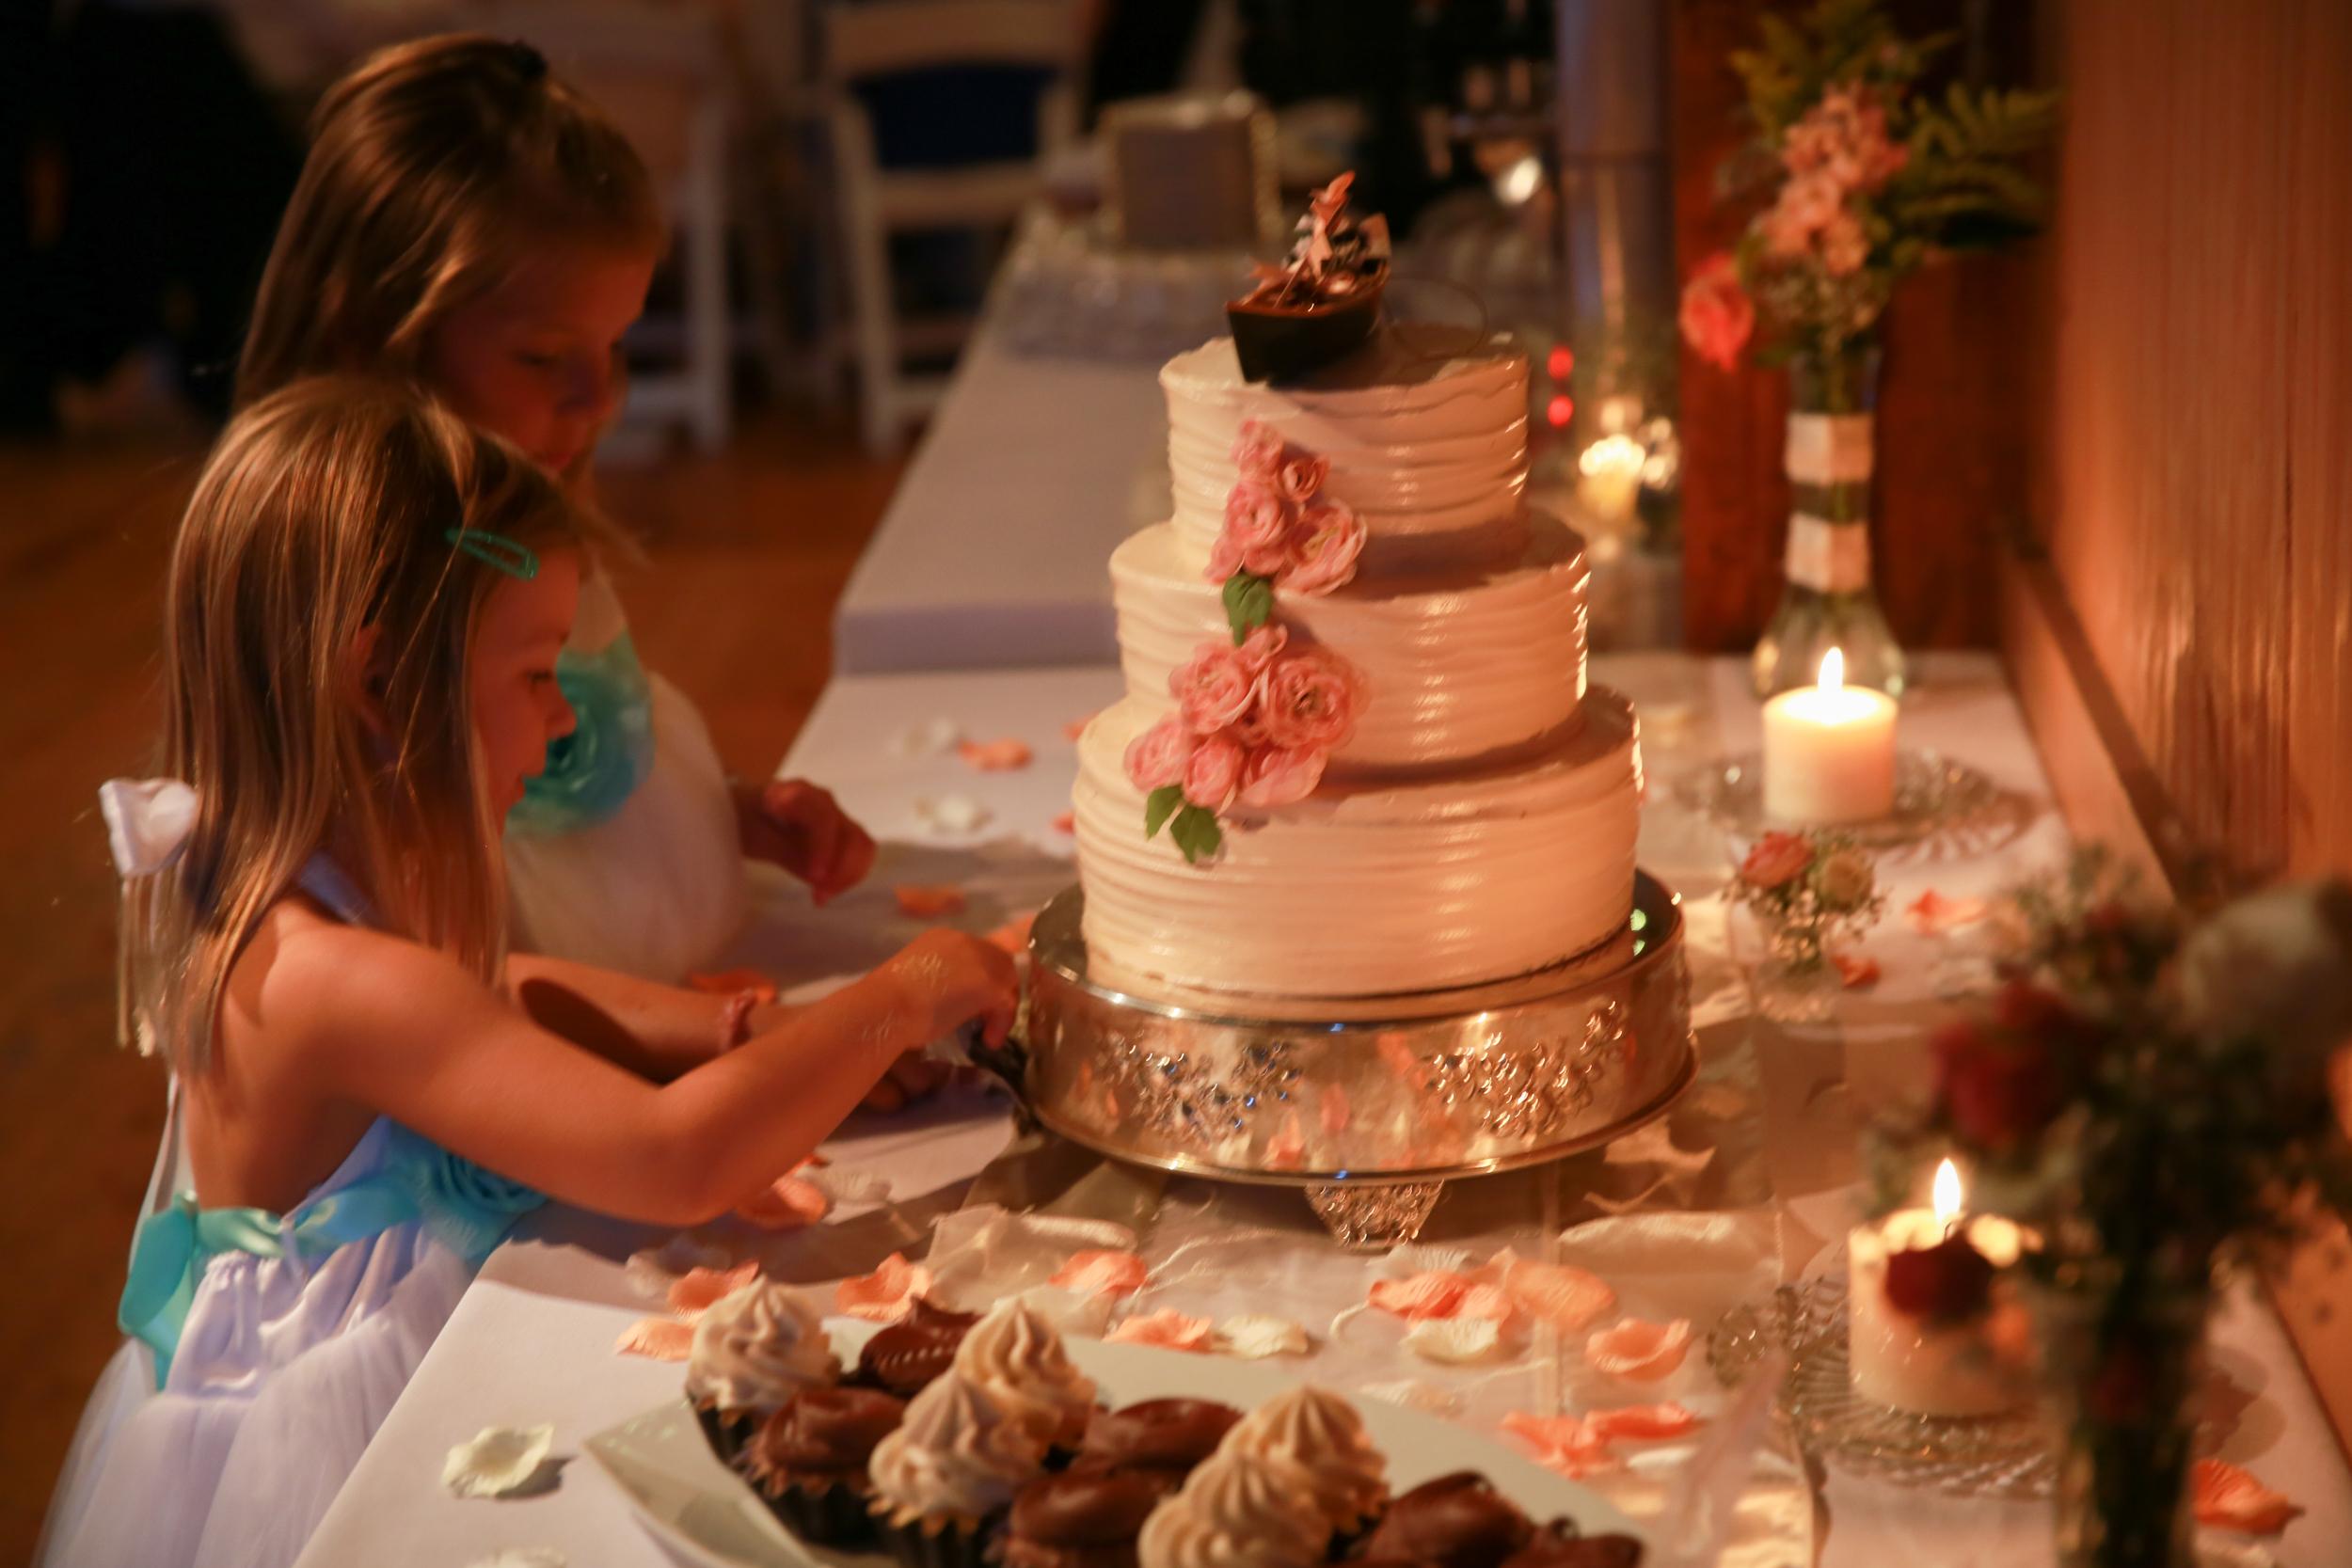 Children eating the wedding cake.